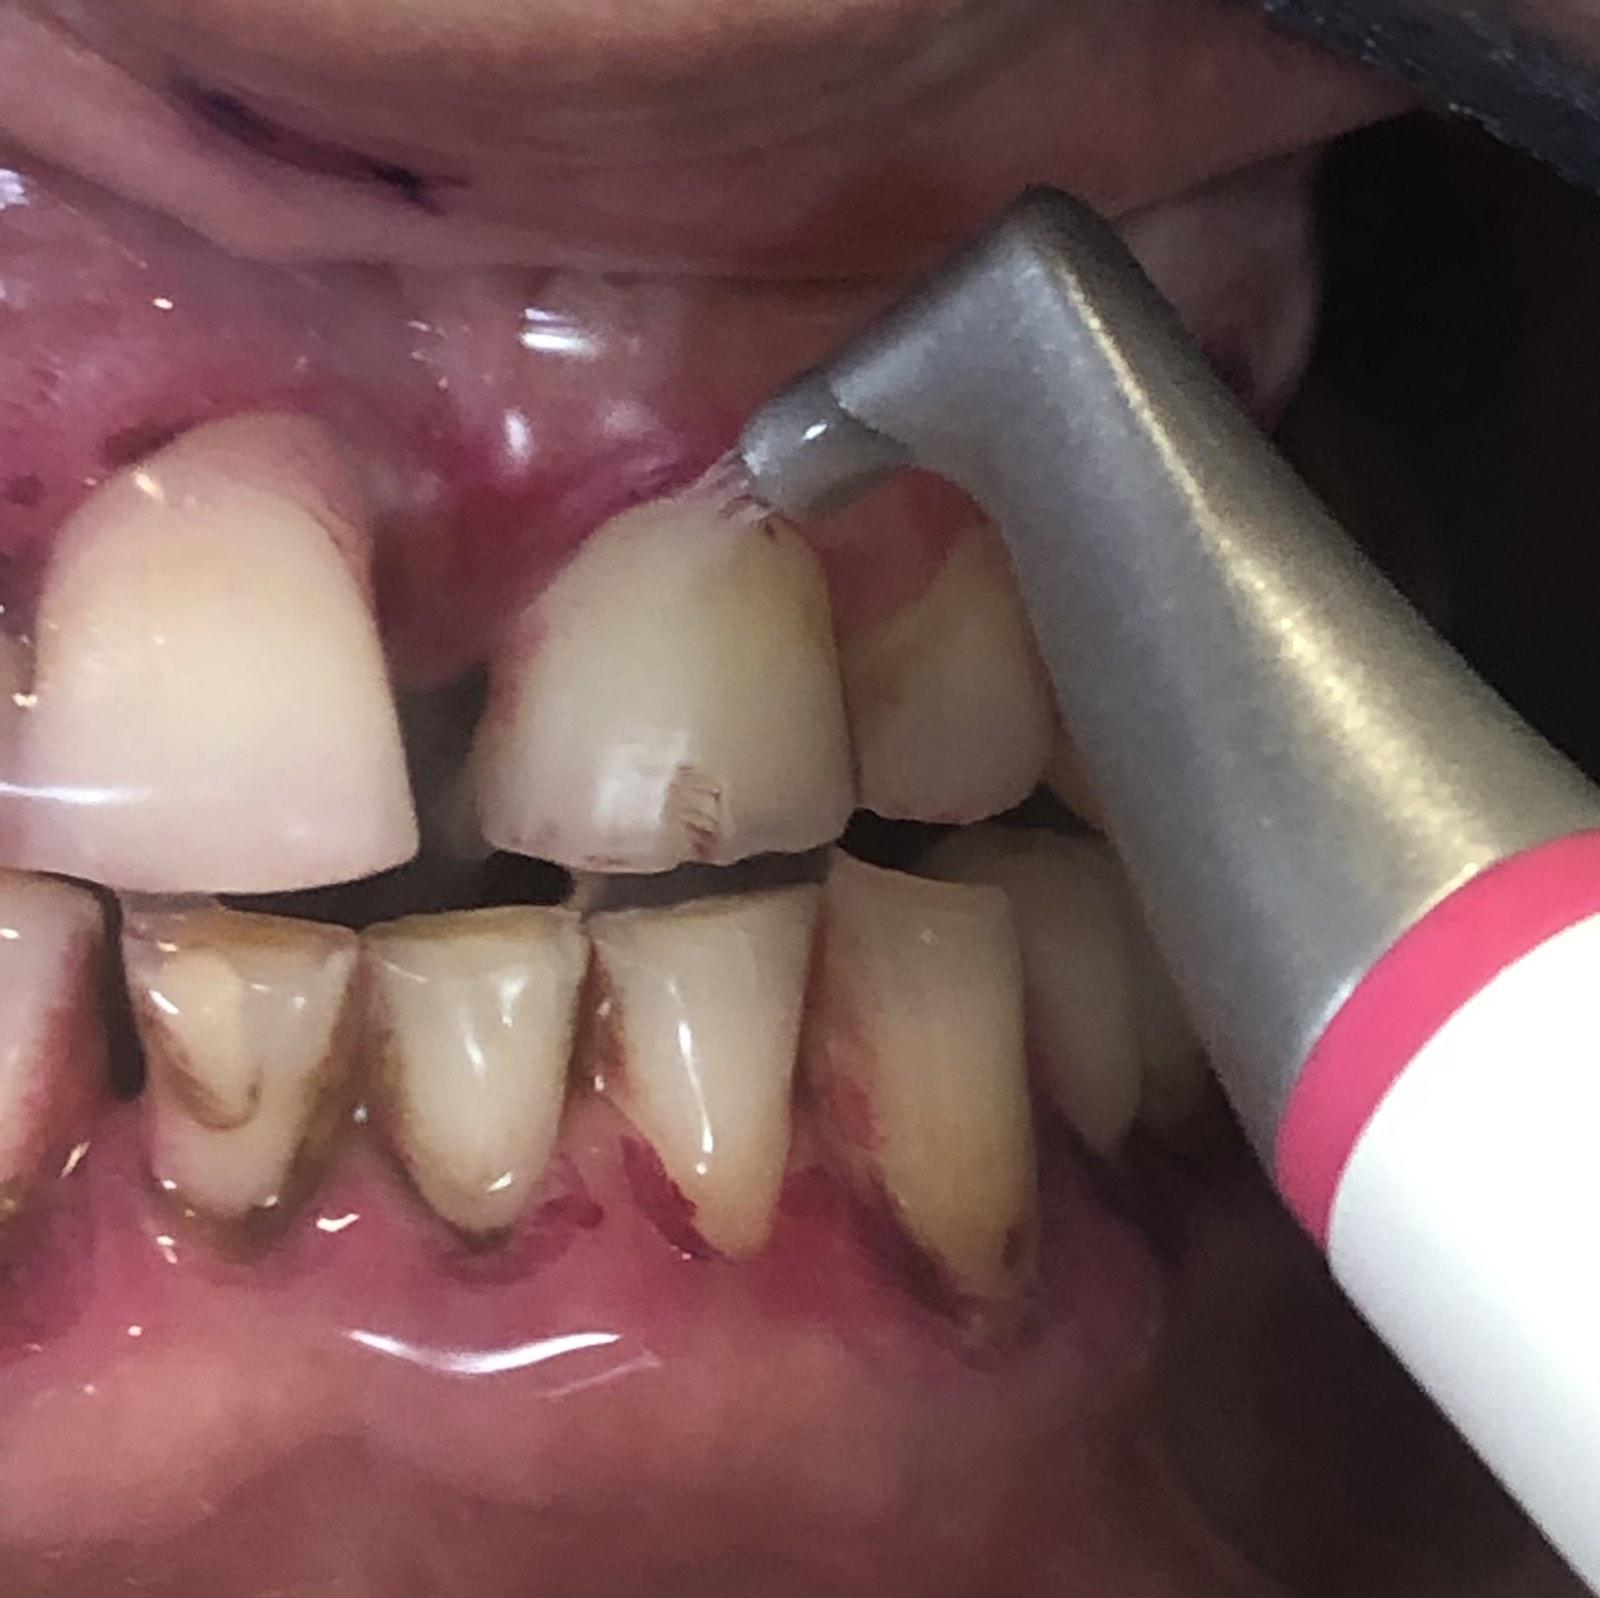 Иновативен метод обръща на 180 градуса начина за поддържане на здрави зъби и венци